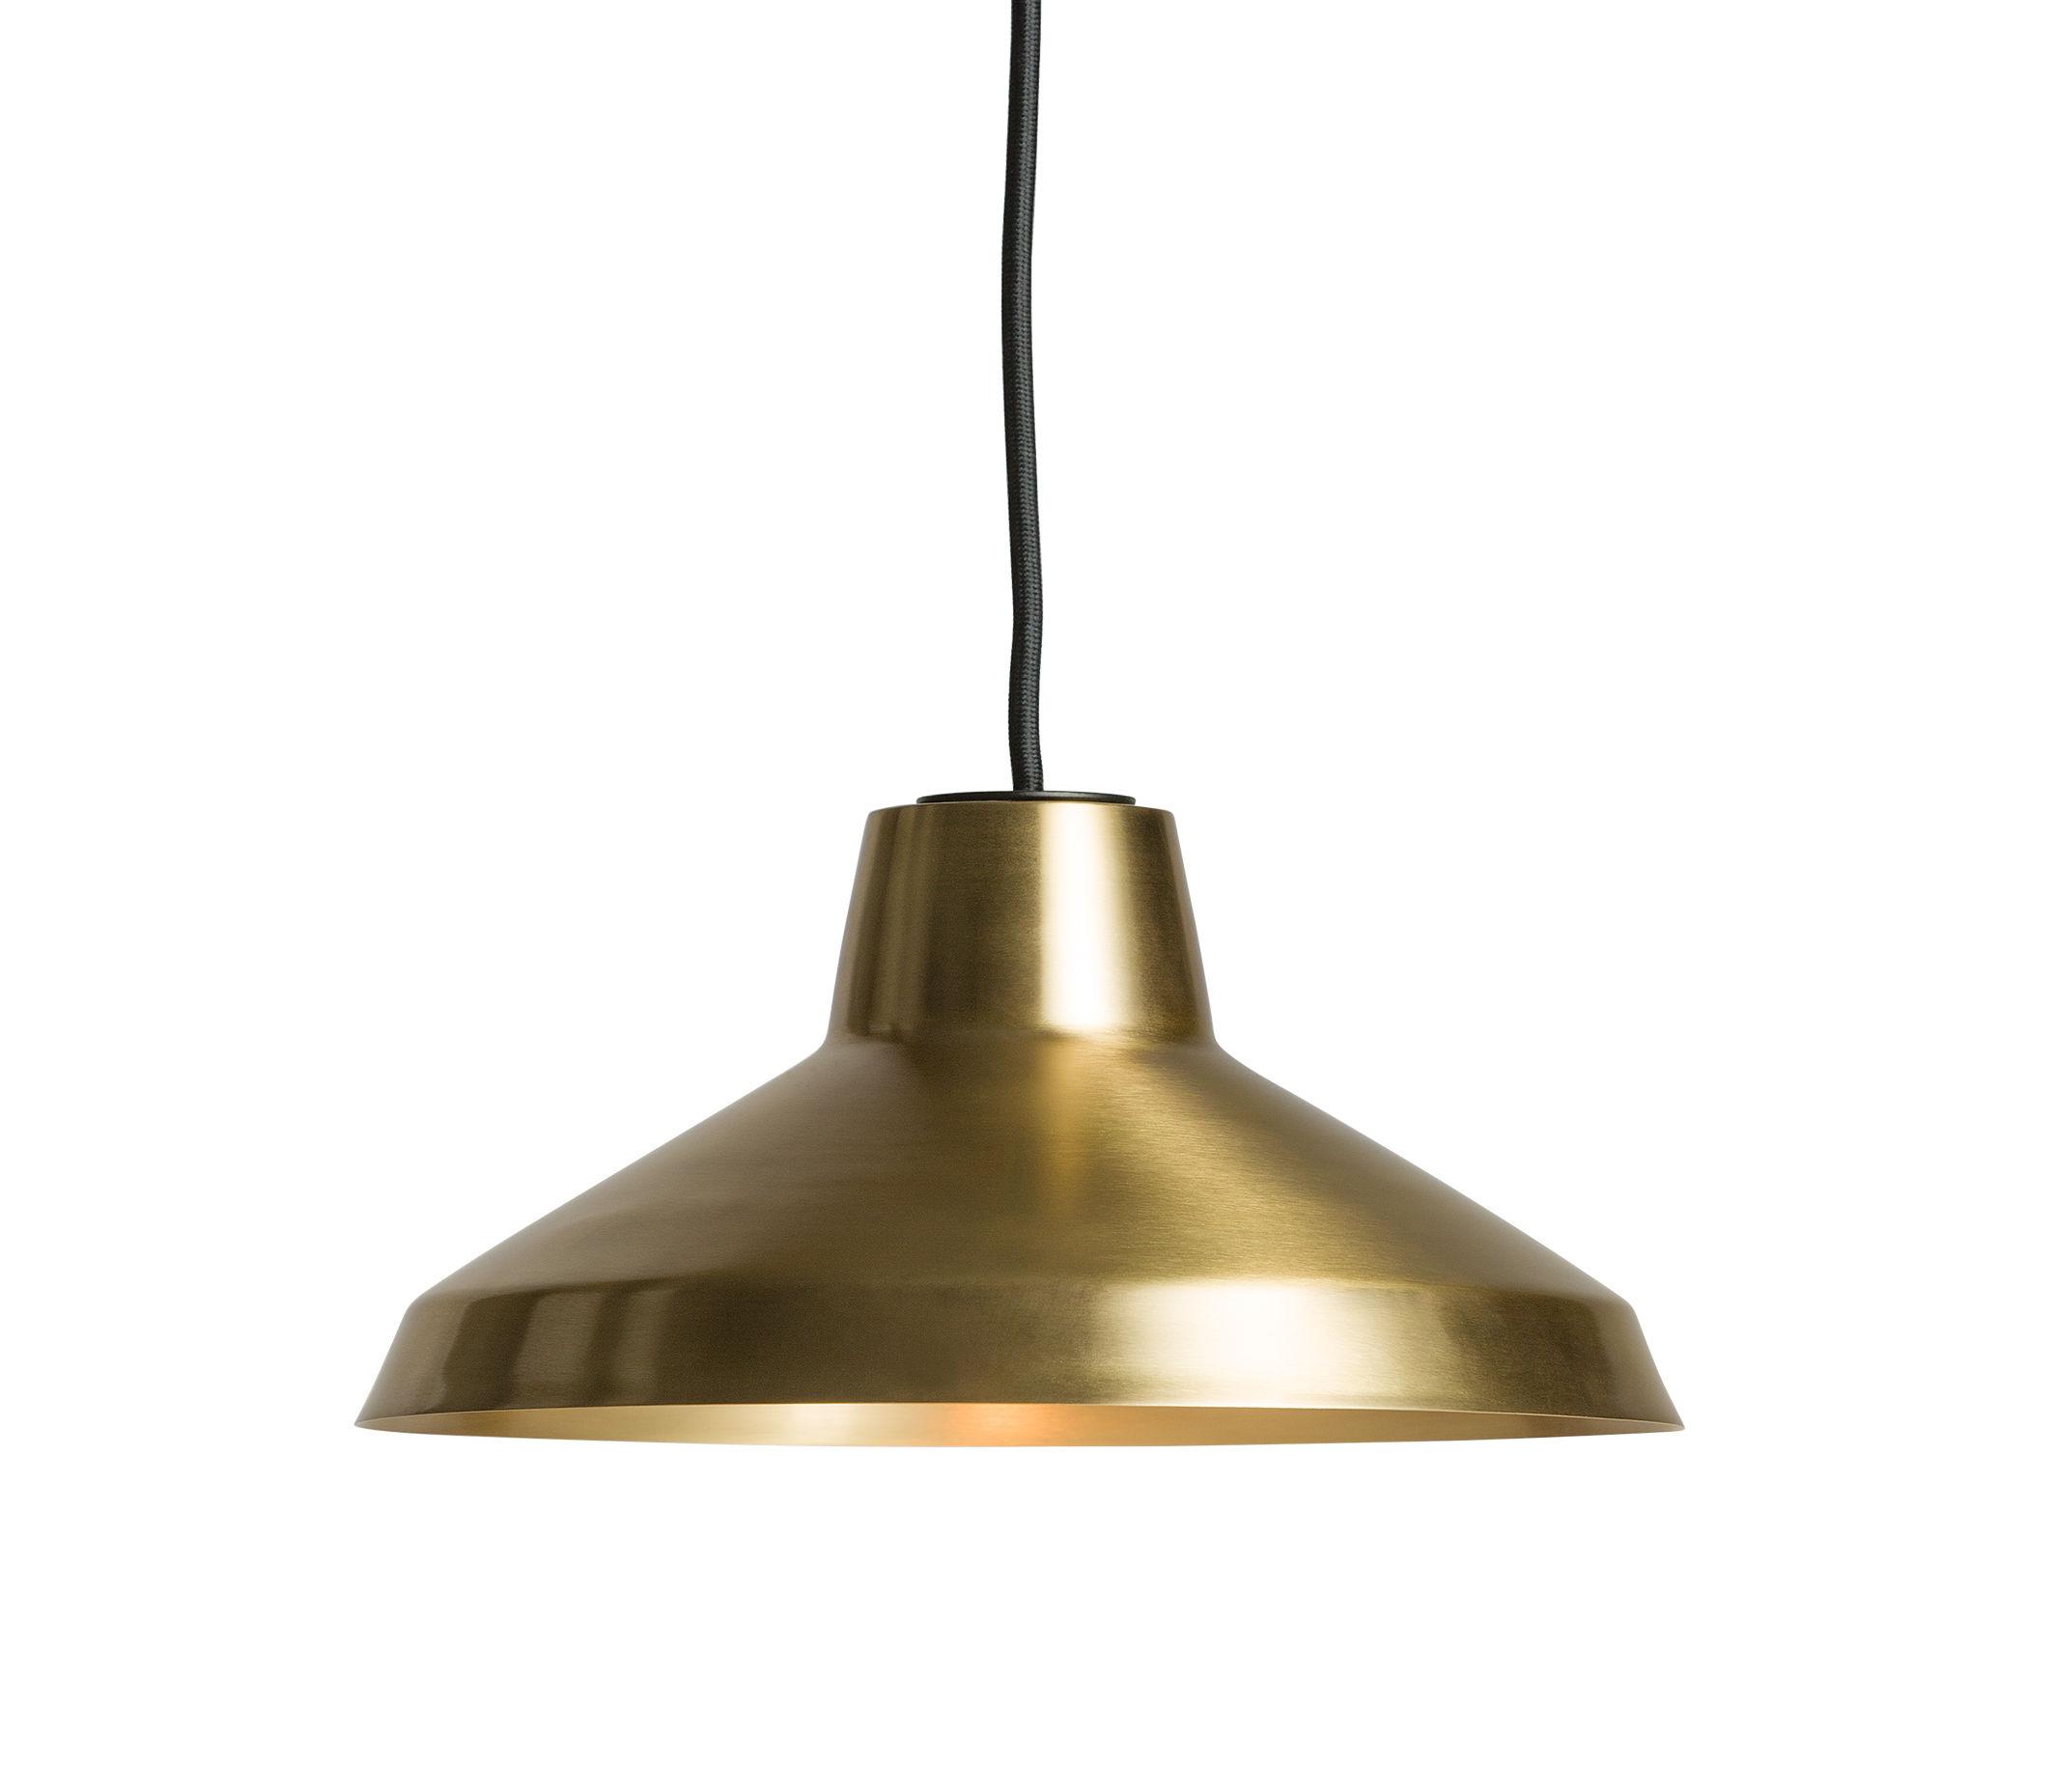 Illuminazione - Lampadari - Sospensione Evergreen Small / Ø 30 cm - Ottone - Northern Lighting - Ottone spazzolato - Ottone spazzolato